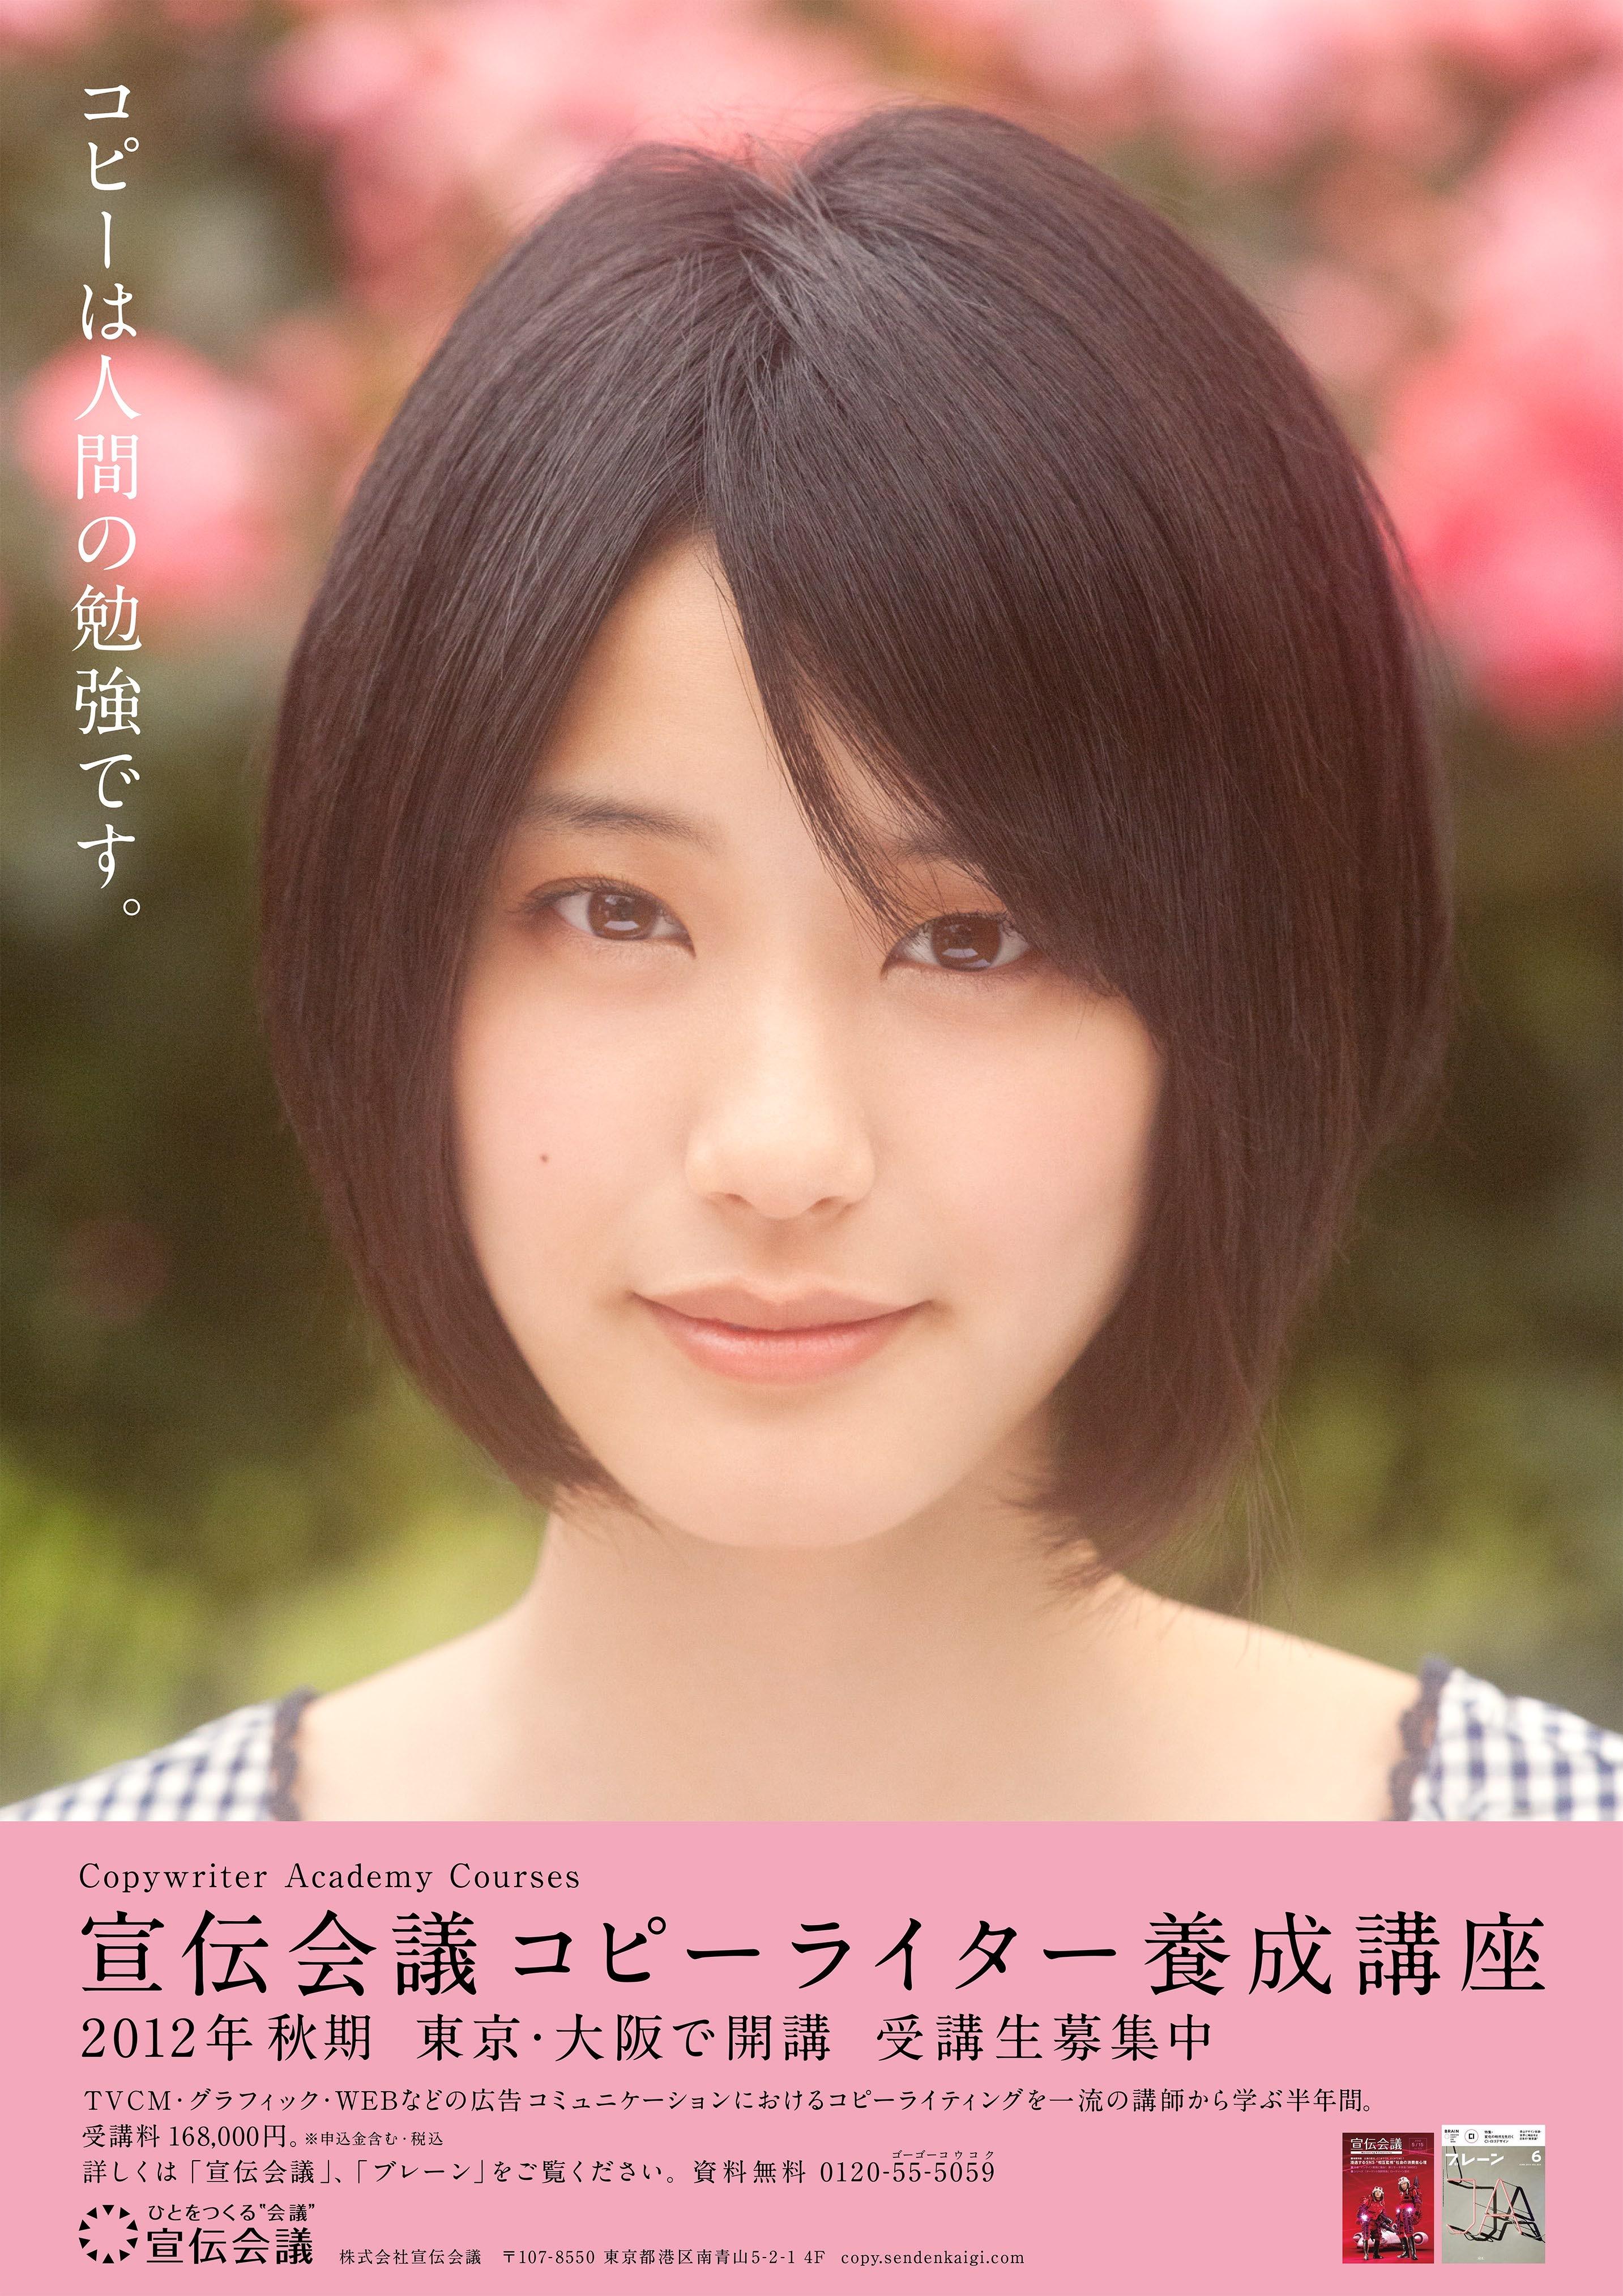 P0643_宣伝会議_宣伝会議養成講座ポスター秋